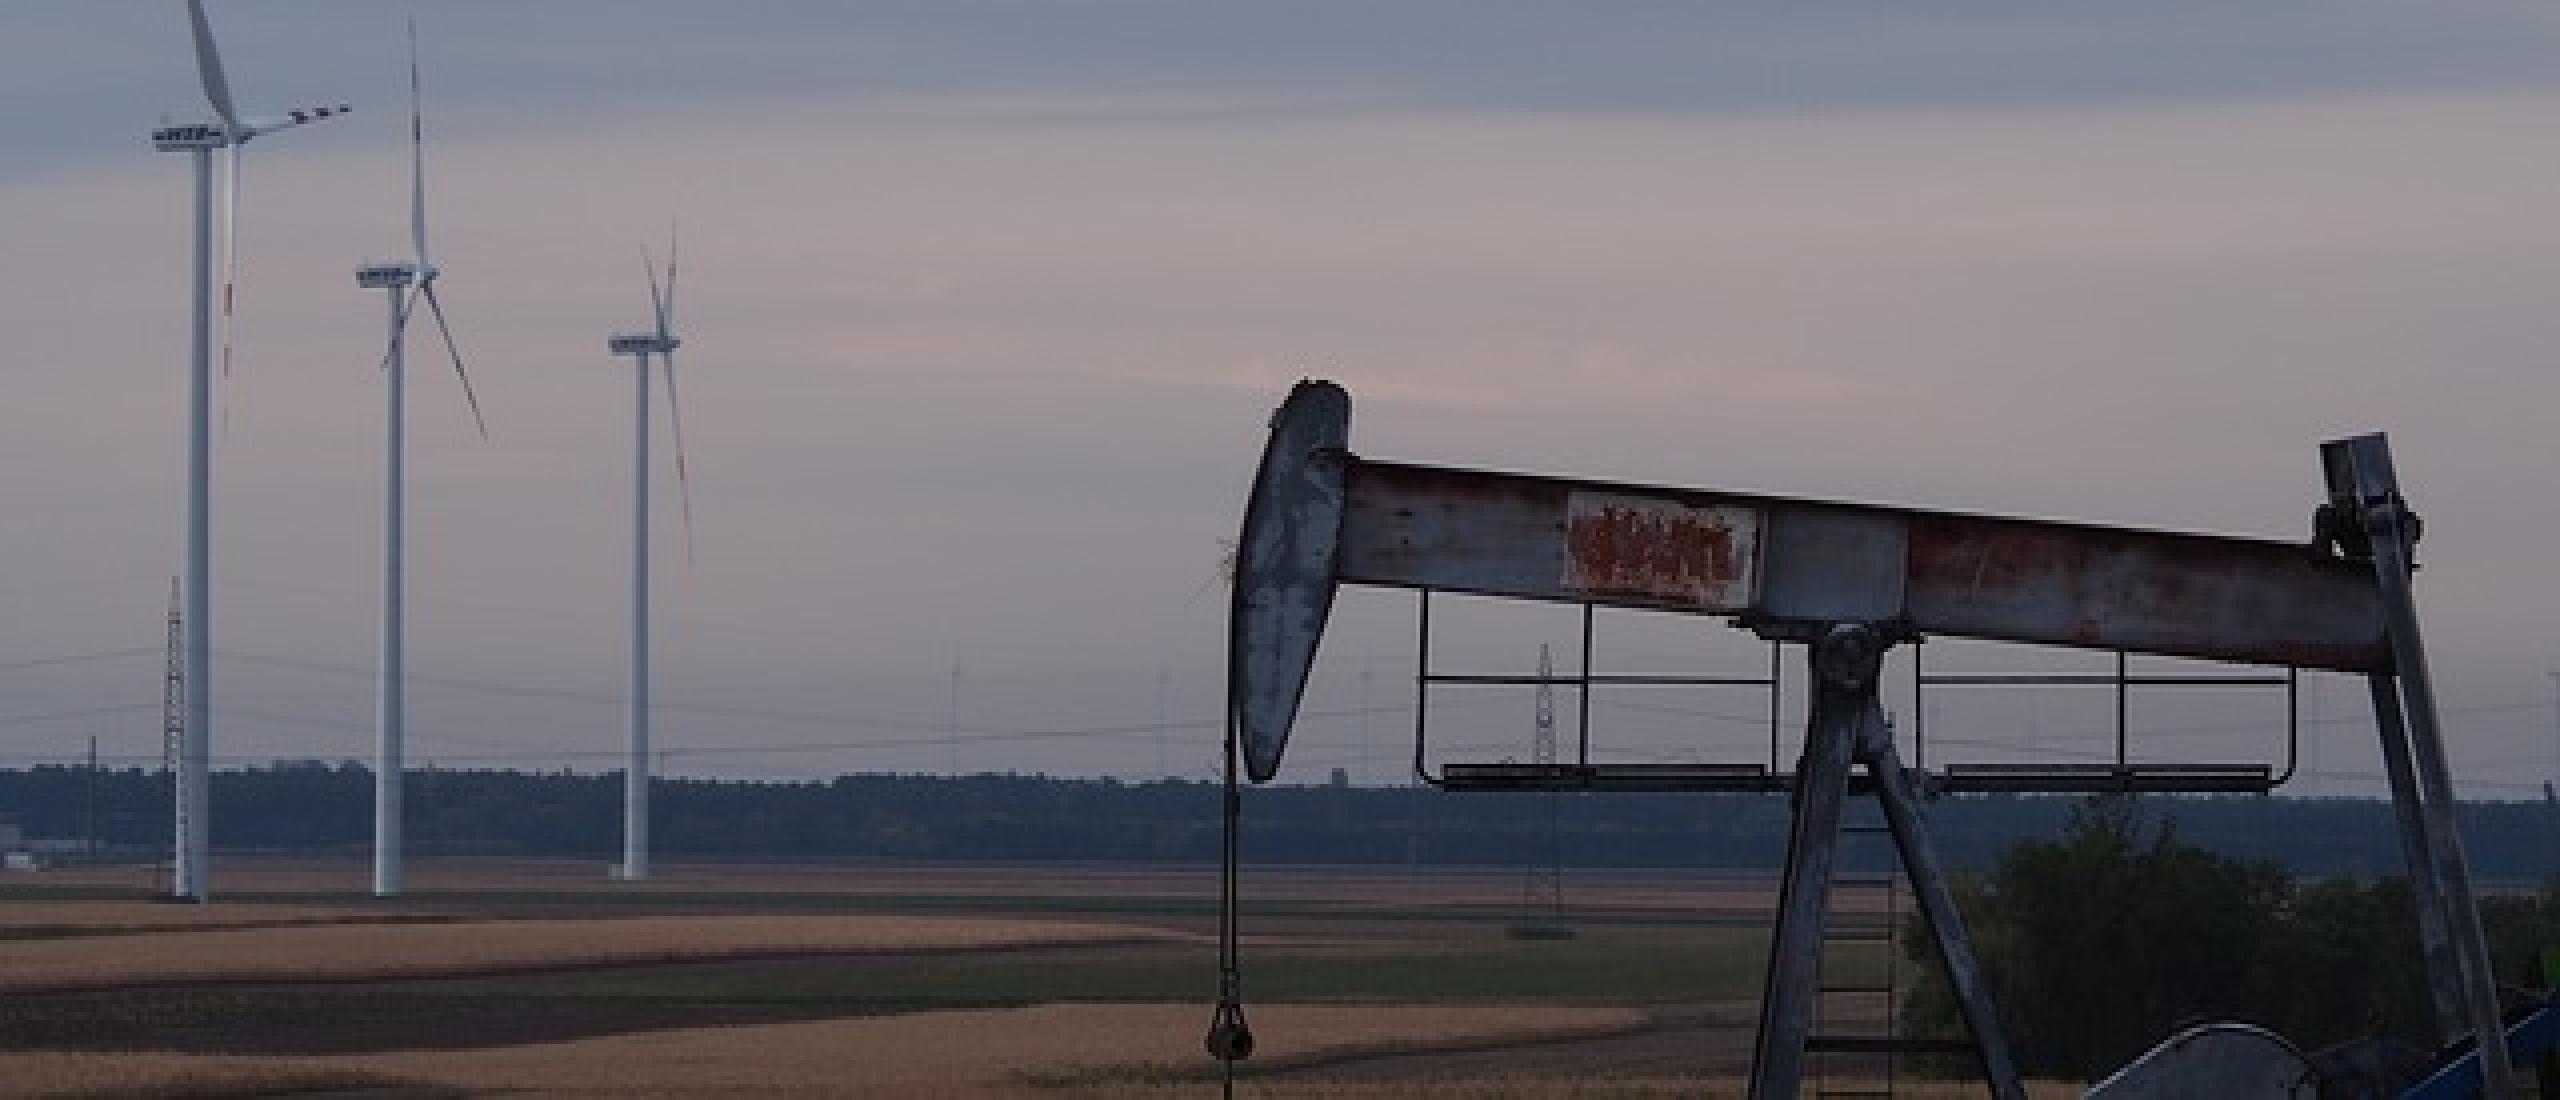 De transitie van energiebedrijven en de gevolgen voor hun toeleveranciers.